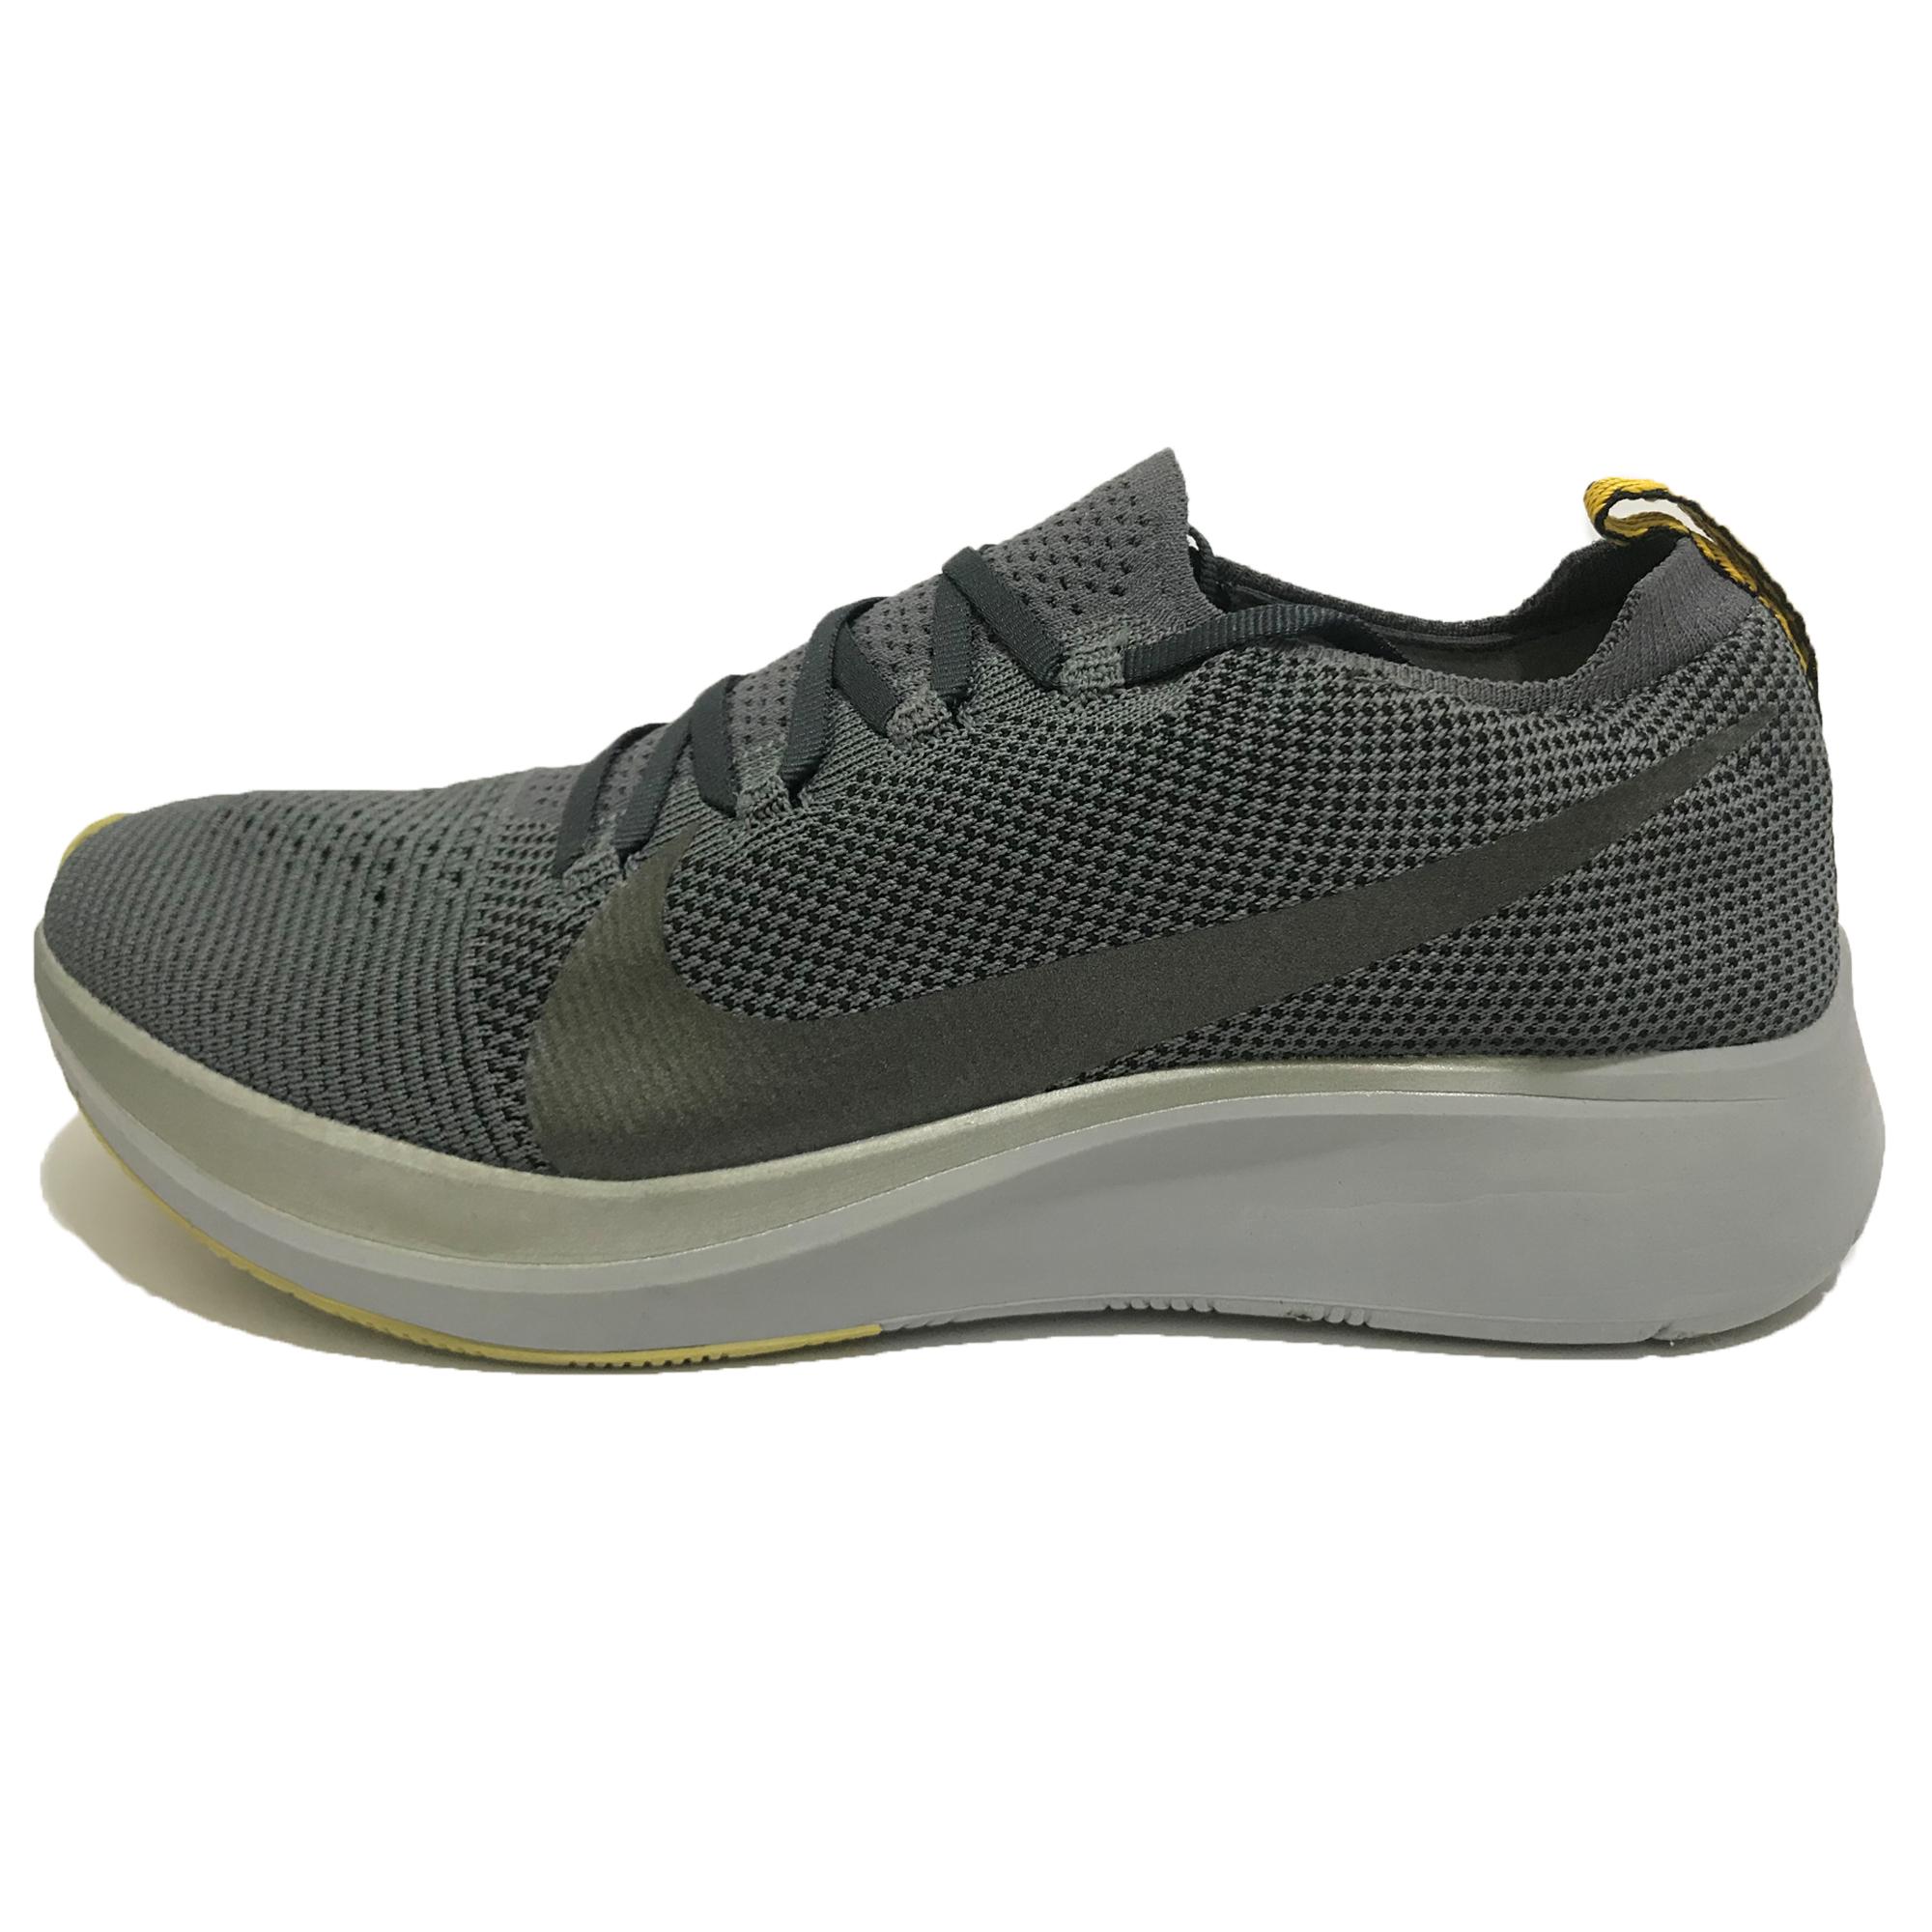 کفش مخصوص پیاده روی مردانه مدل Zoom Fly